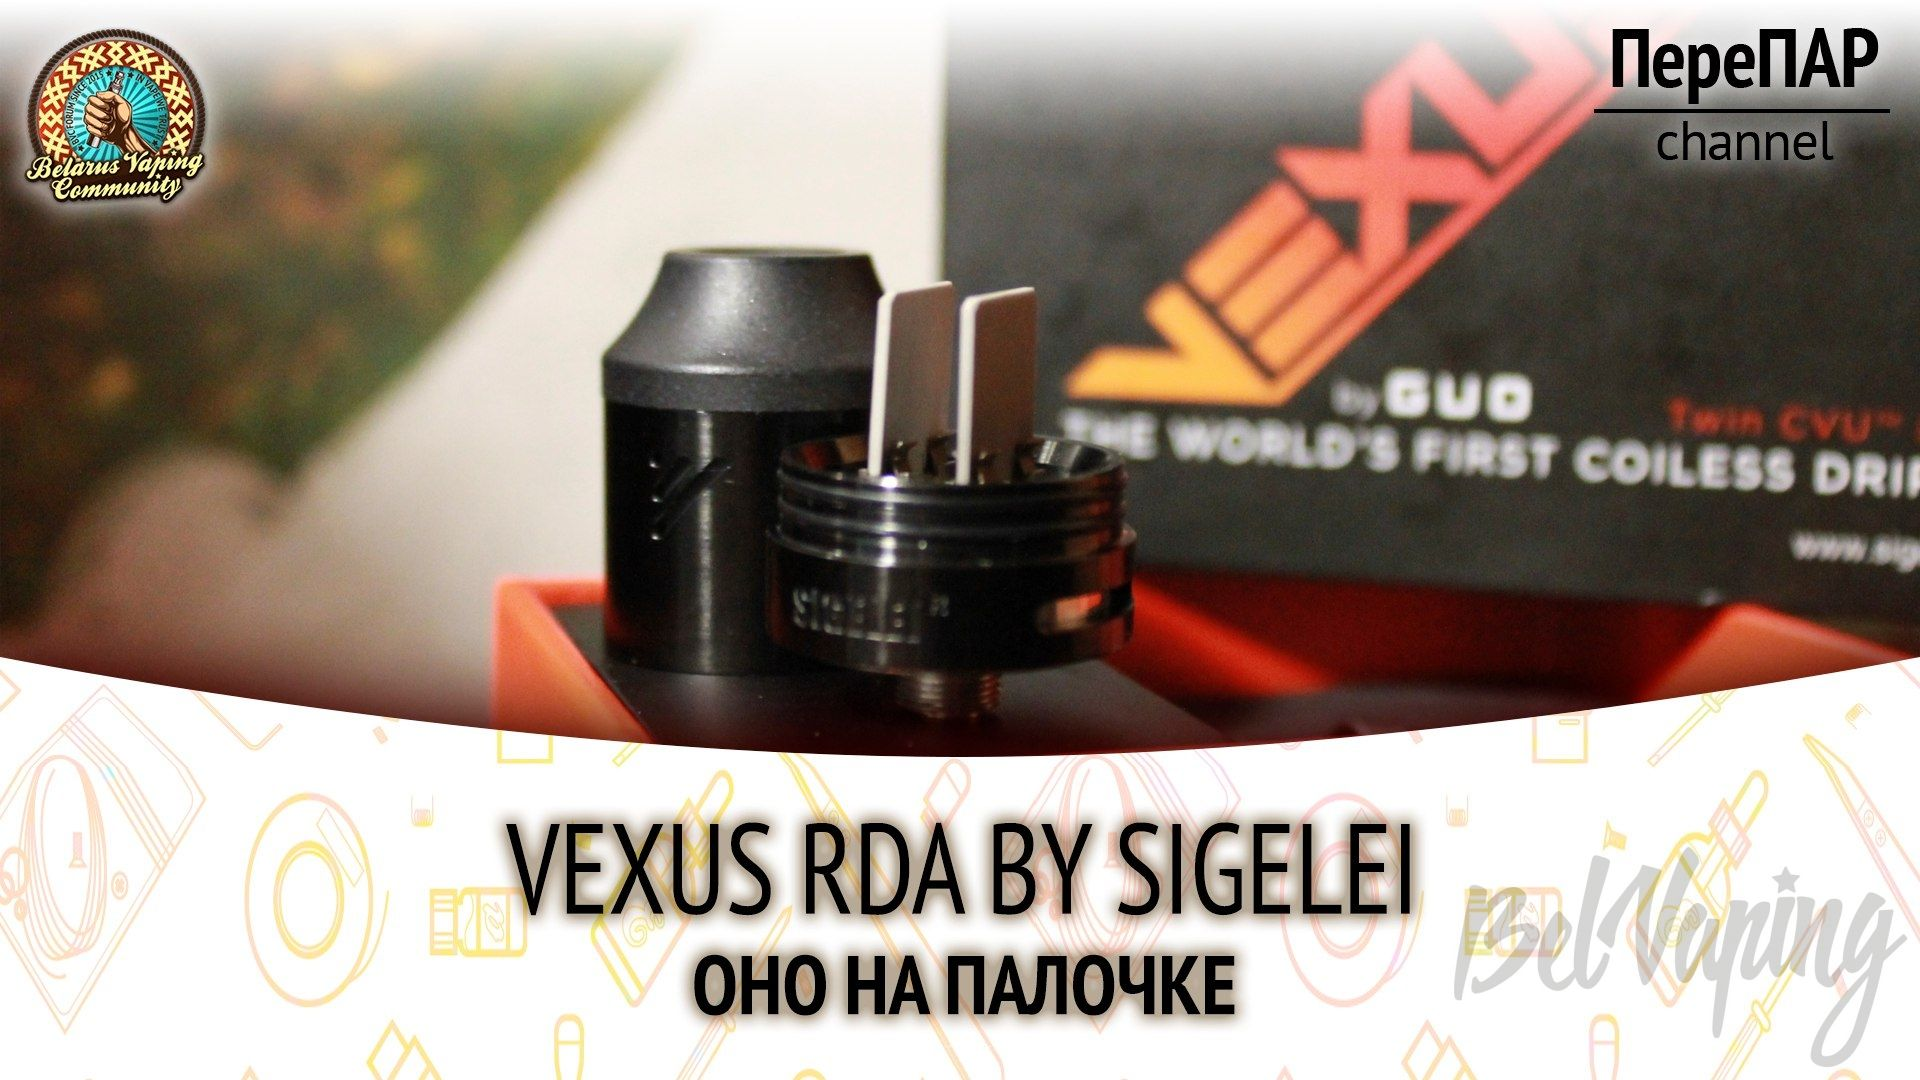 Видеообзор Sigelei Vexus RDA